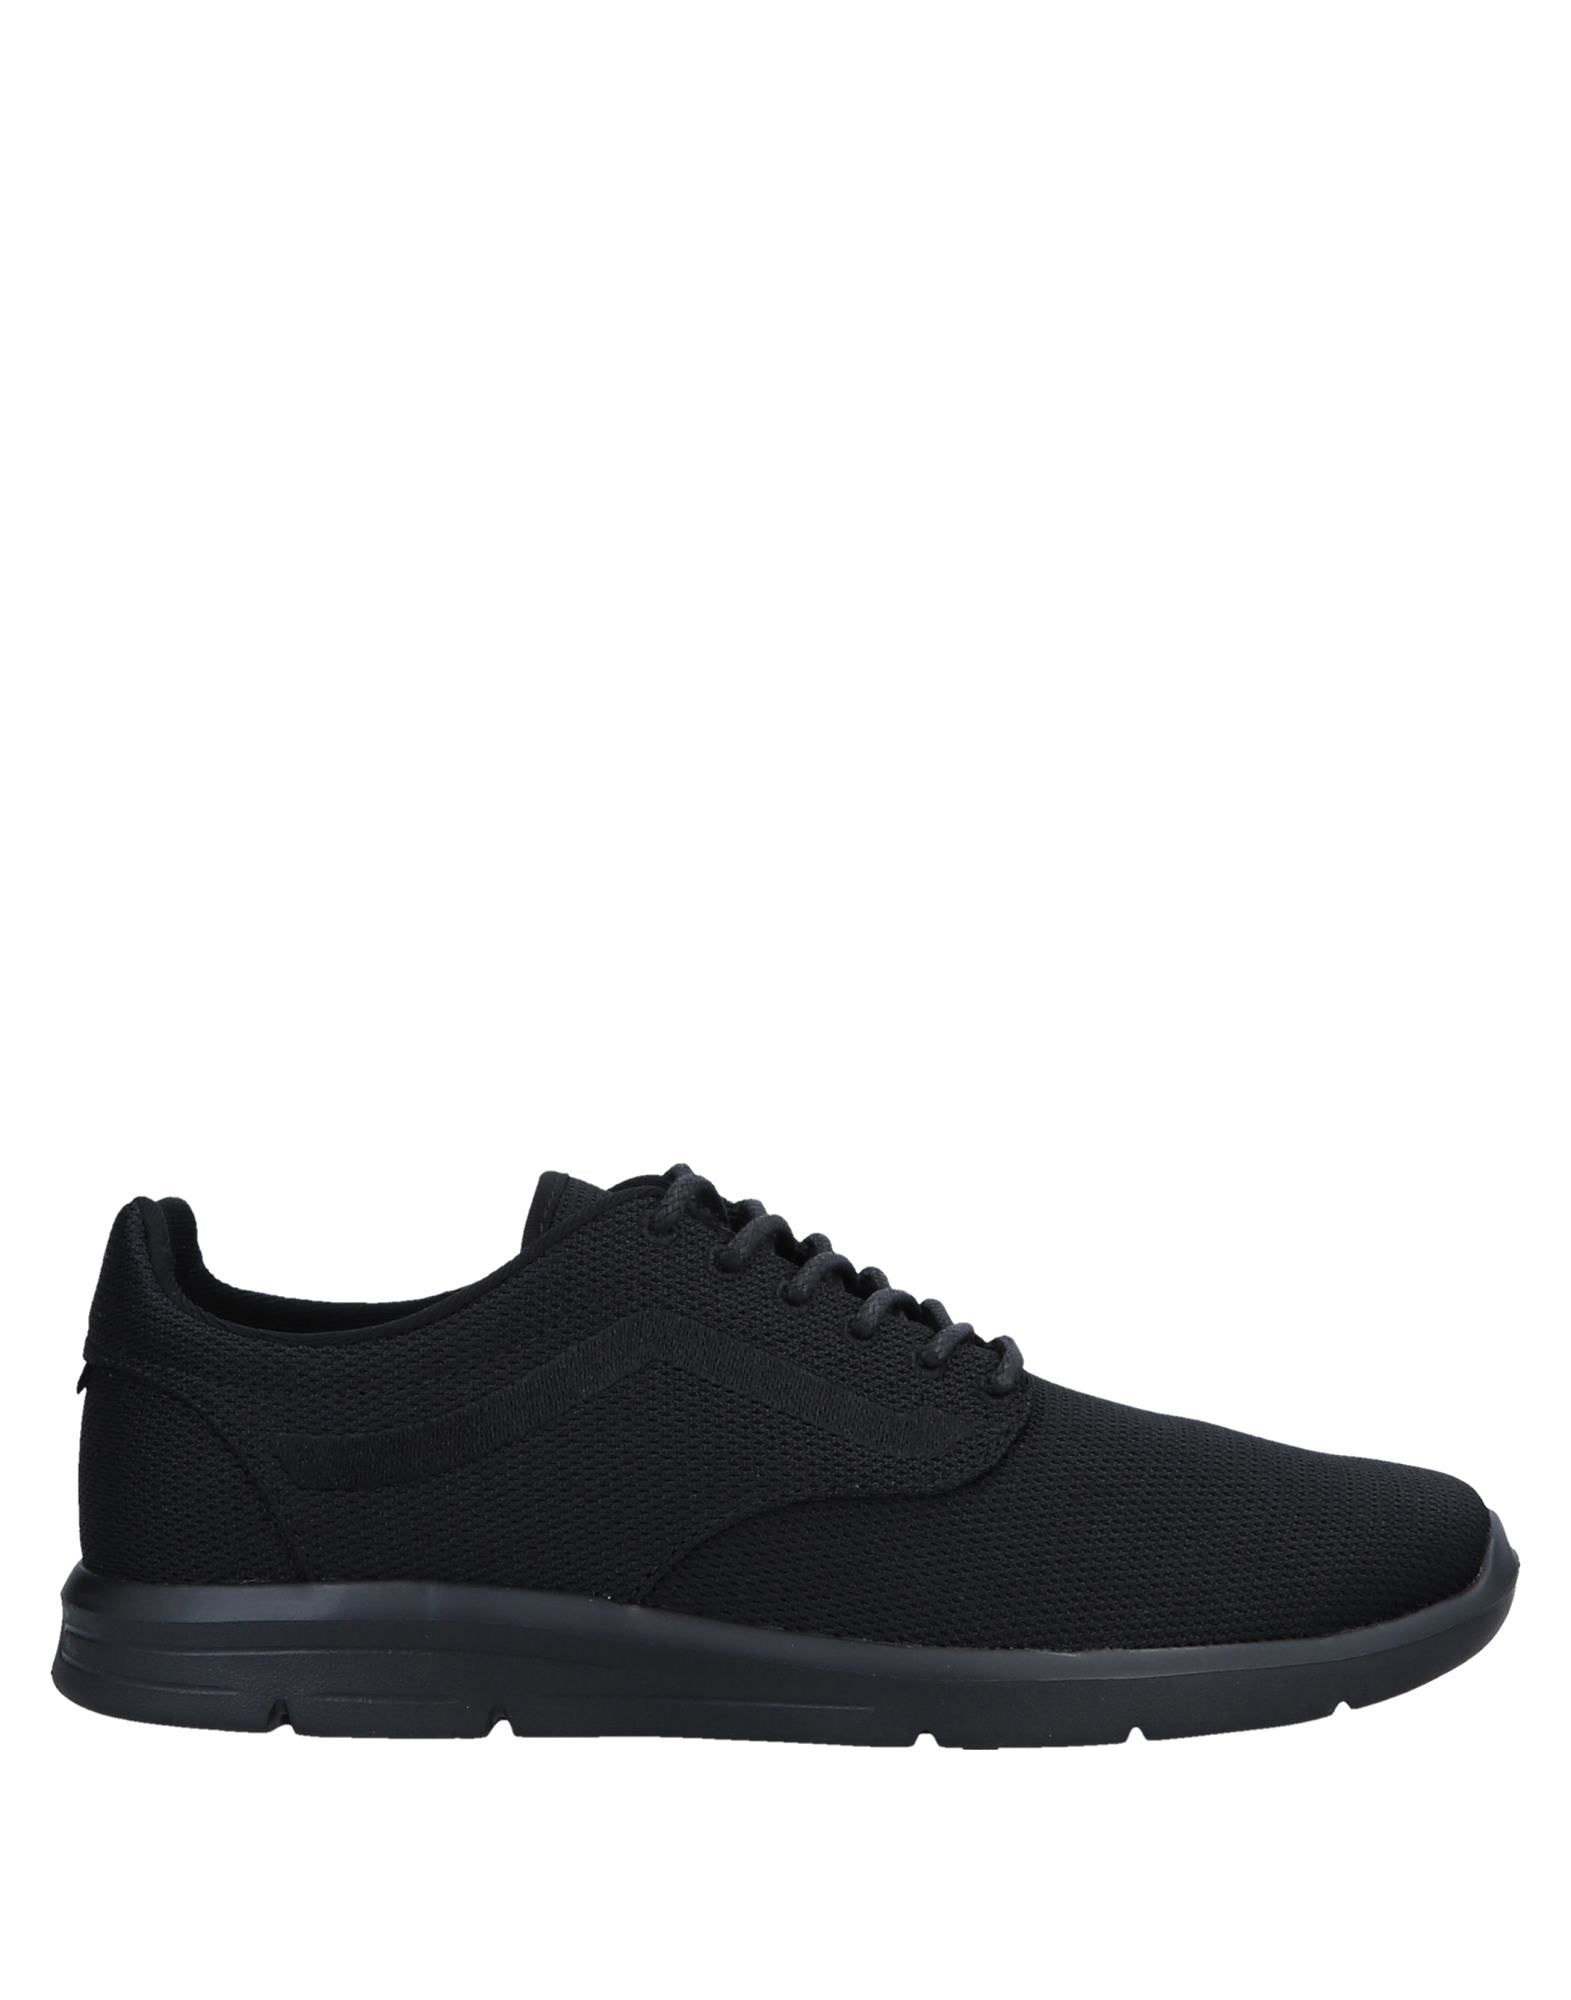 Vans Sneakers - Men Men Men Vans Sneakers online on  Canada - 11573479PE e48b4a